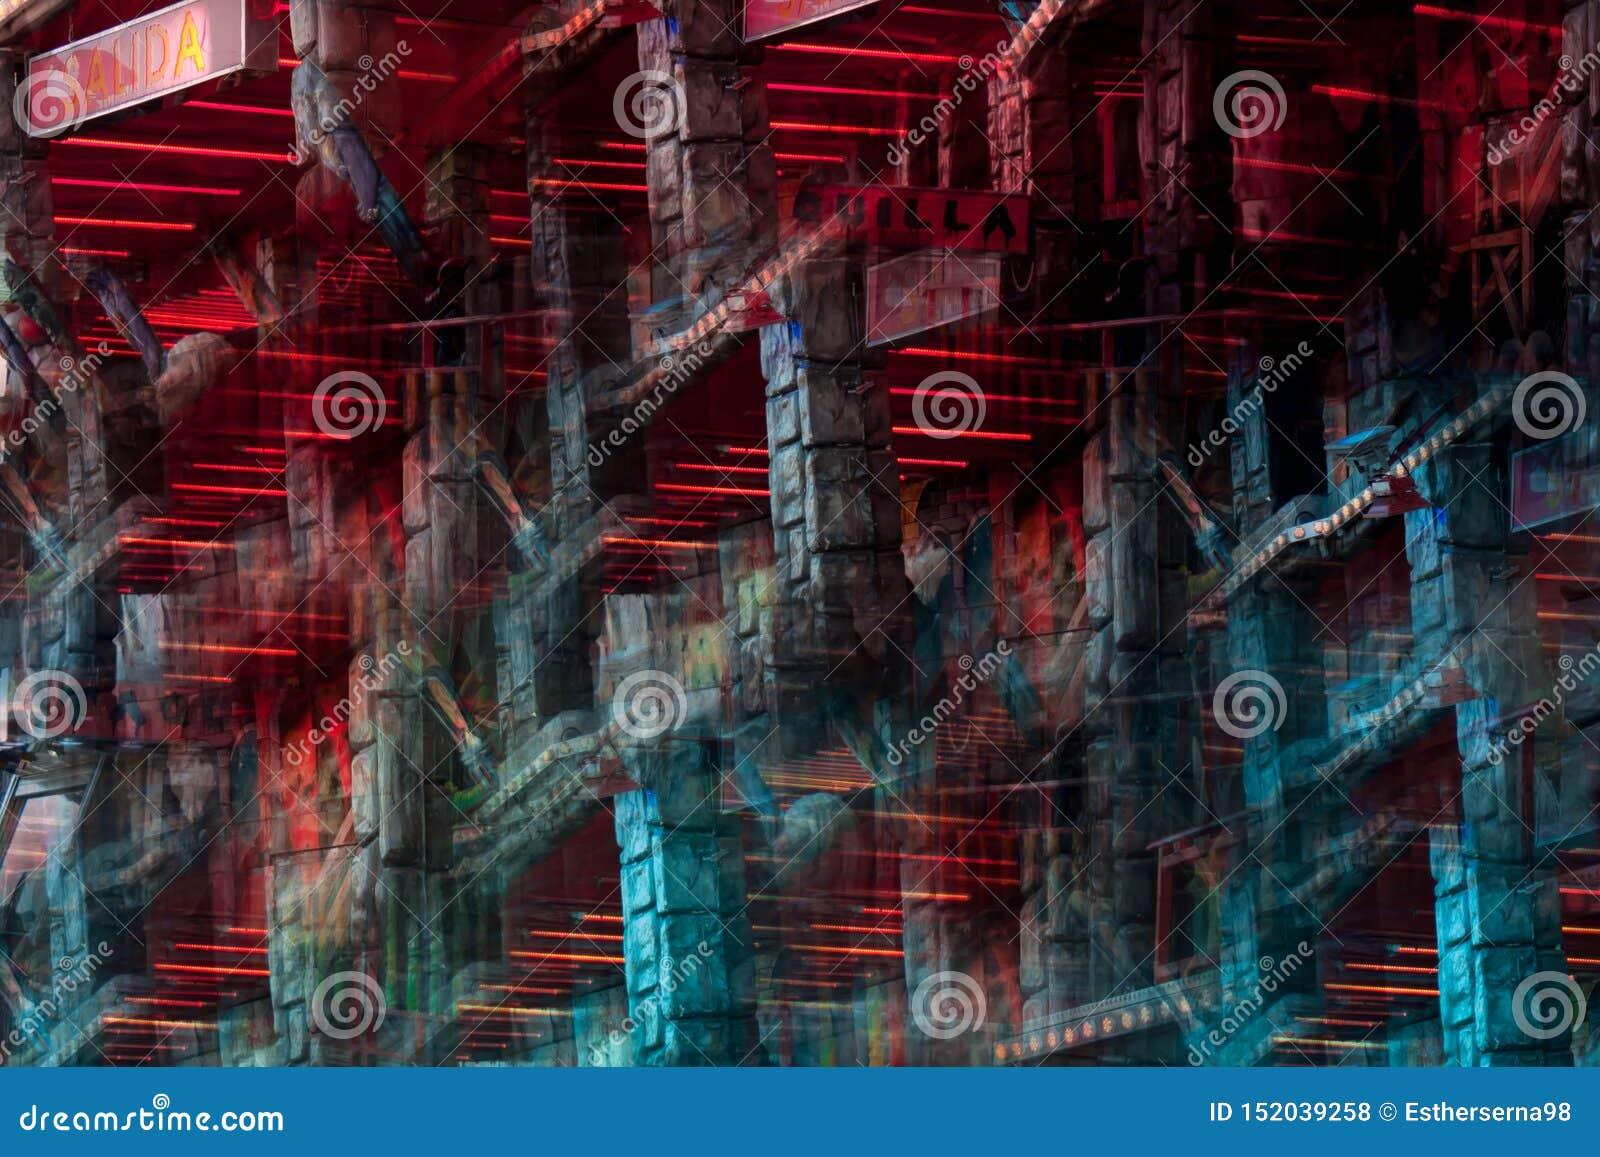 Immagine astratta di un attrazione della zona fieristica